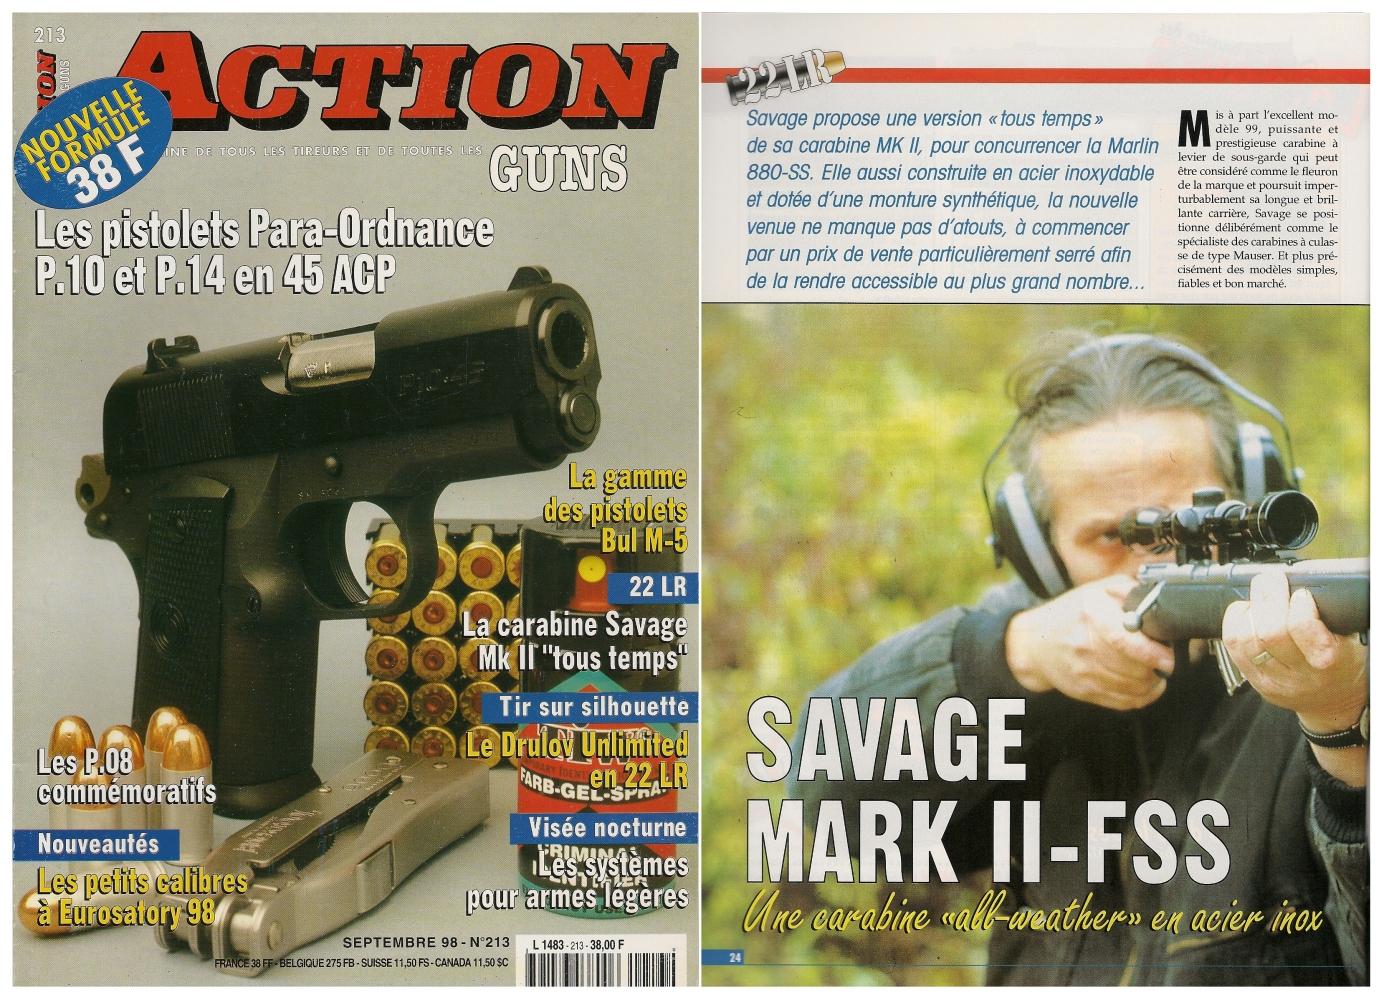 Le banc d'essai de la carabine Savage MK II-FSS « Tous temps » avait été publié sur 5 pages dans le magazine Action Guns n° 213 (septembre 1998).